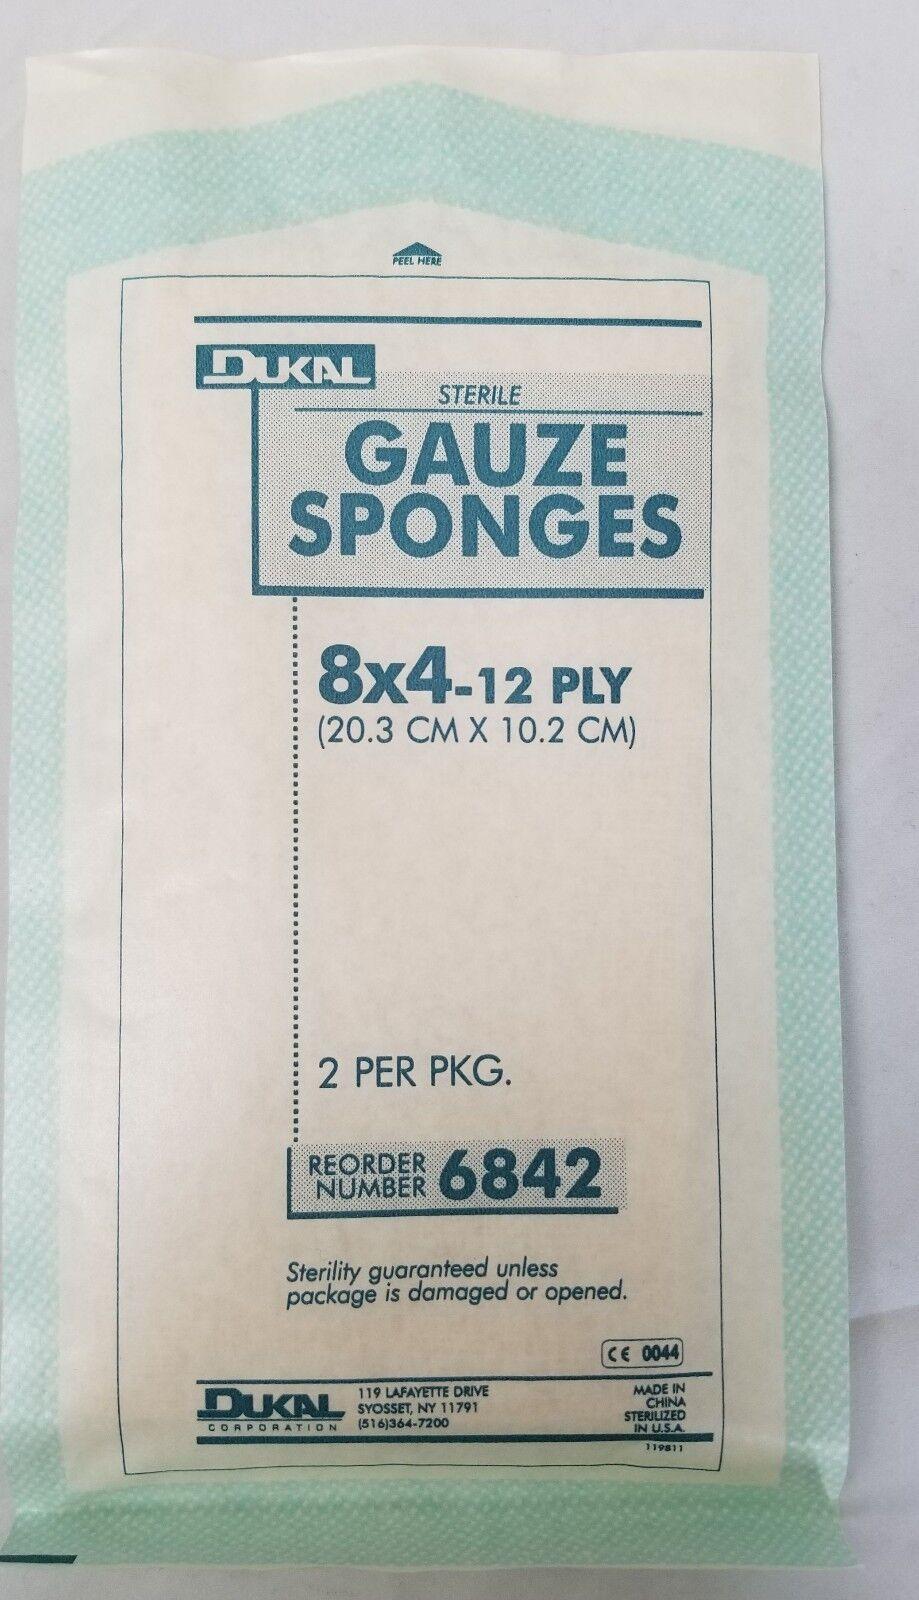 """Dukal 12 Ply Sterile Gauze Sponges 8""""x4"""" 2 Per Pack,"""